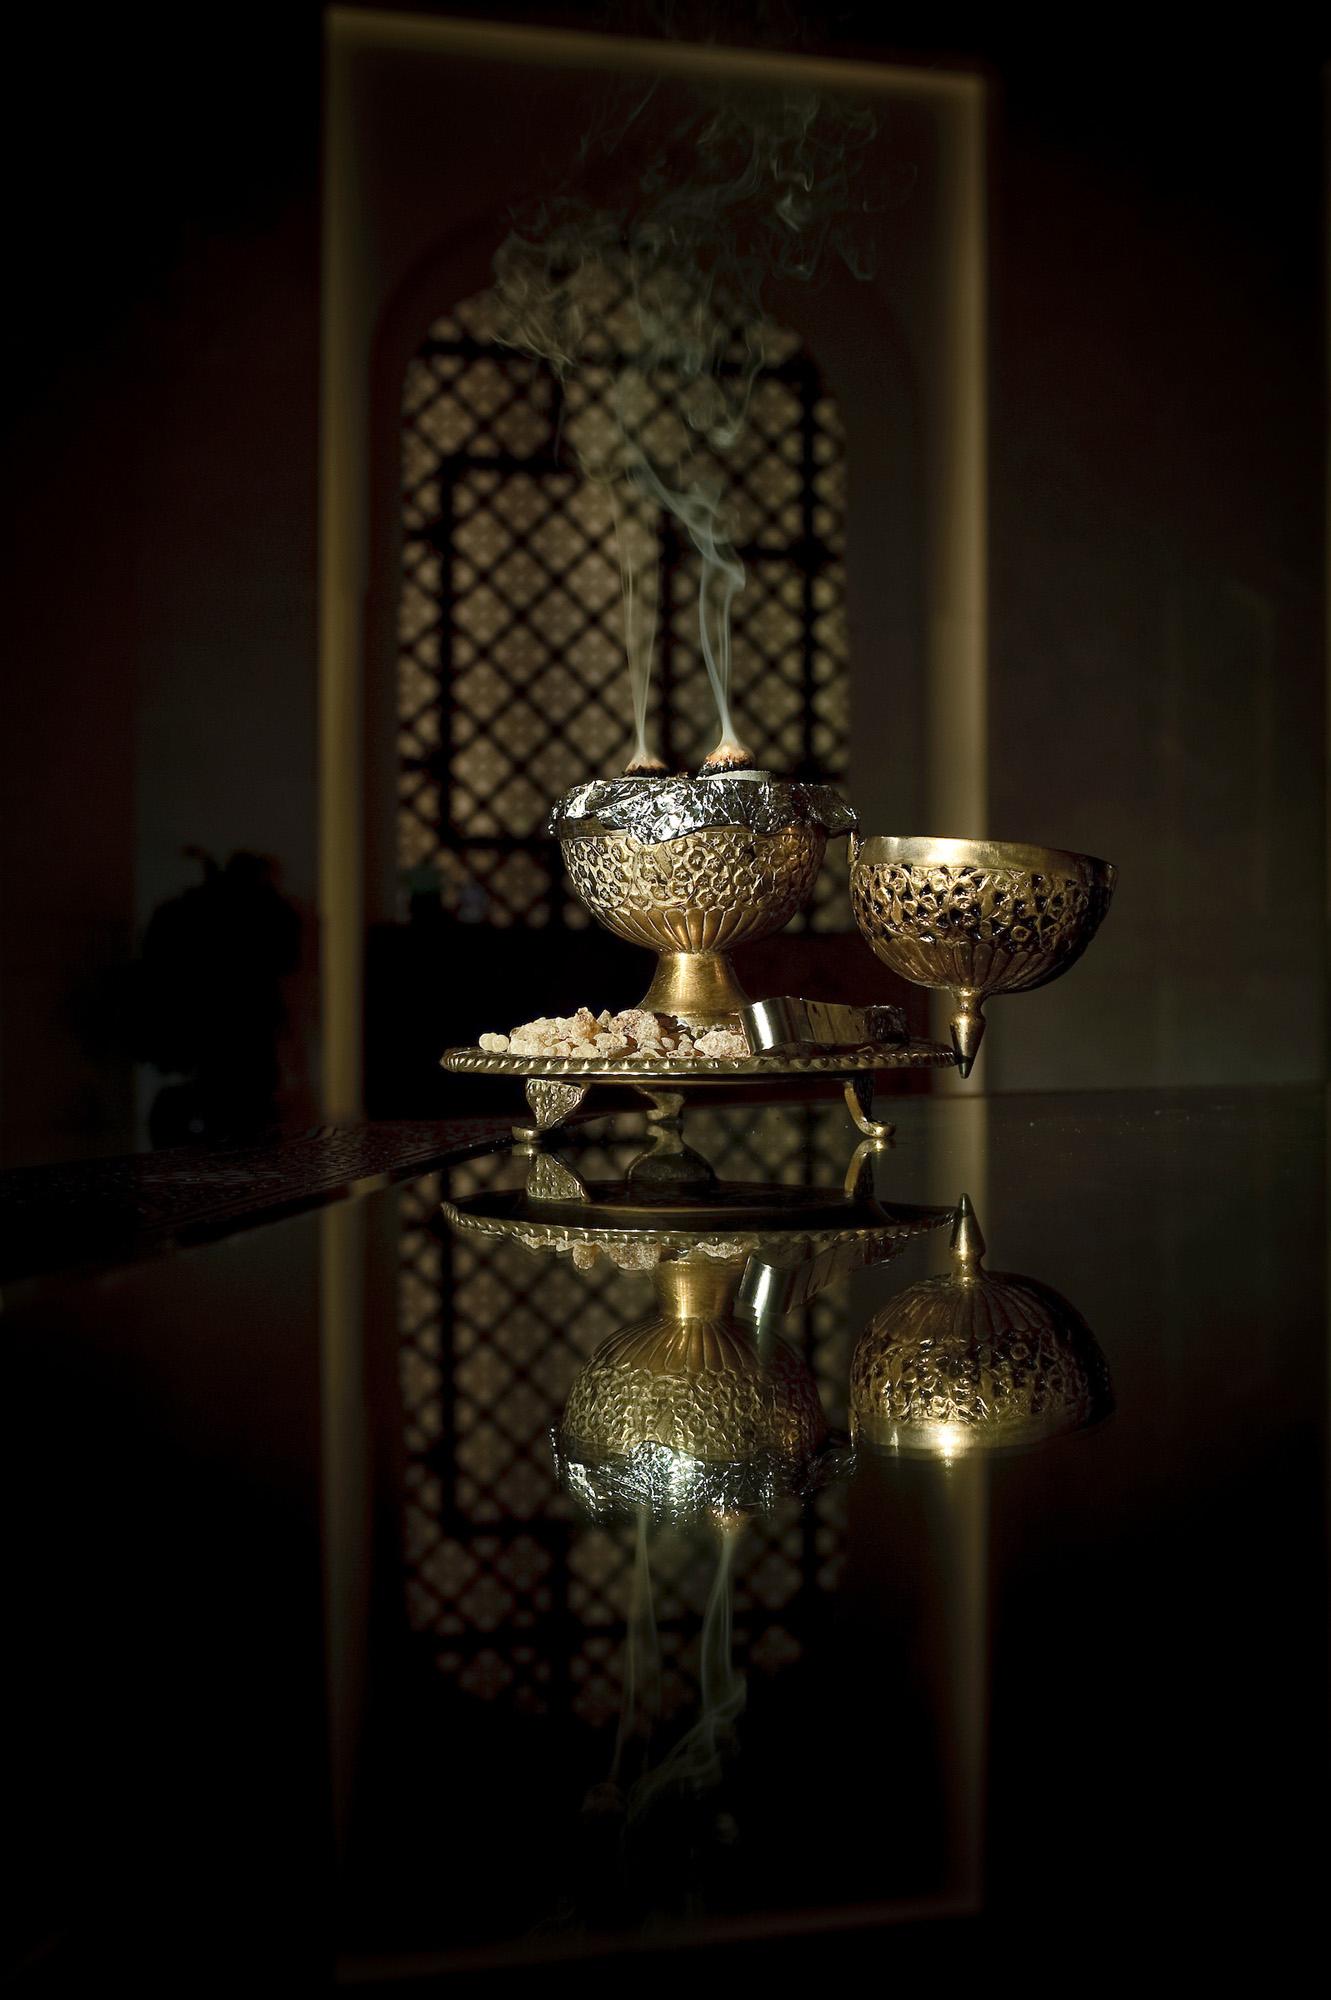 Six Senses HIDEAWAY hotel - Oman